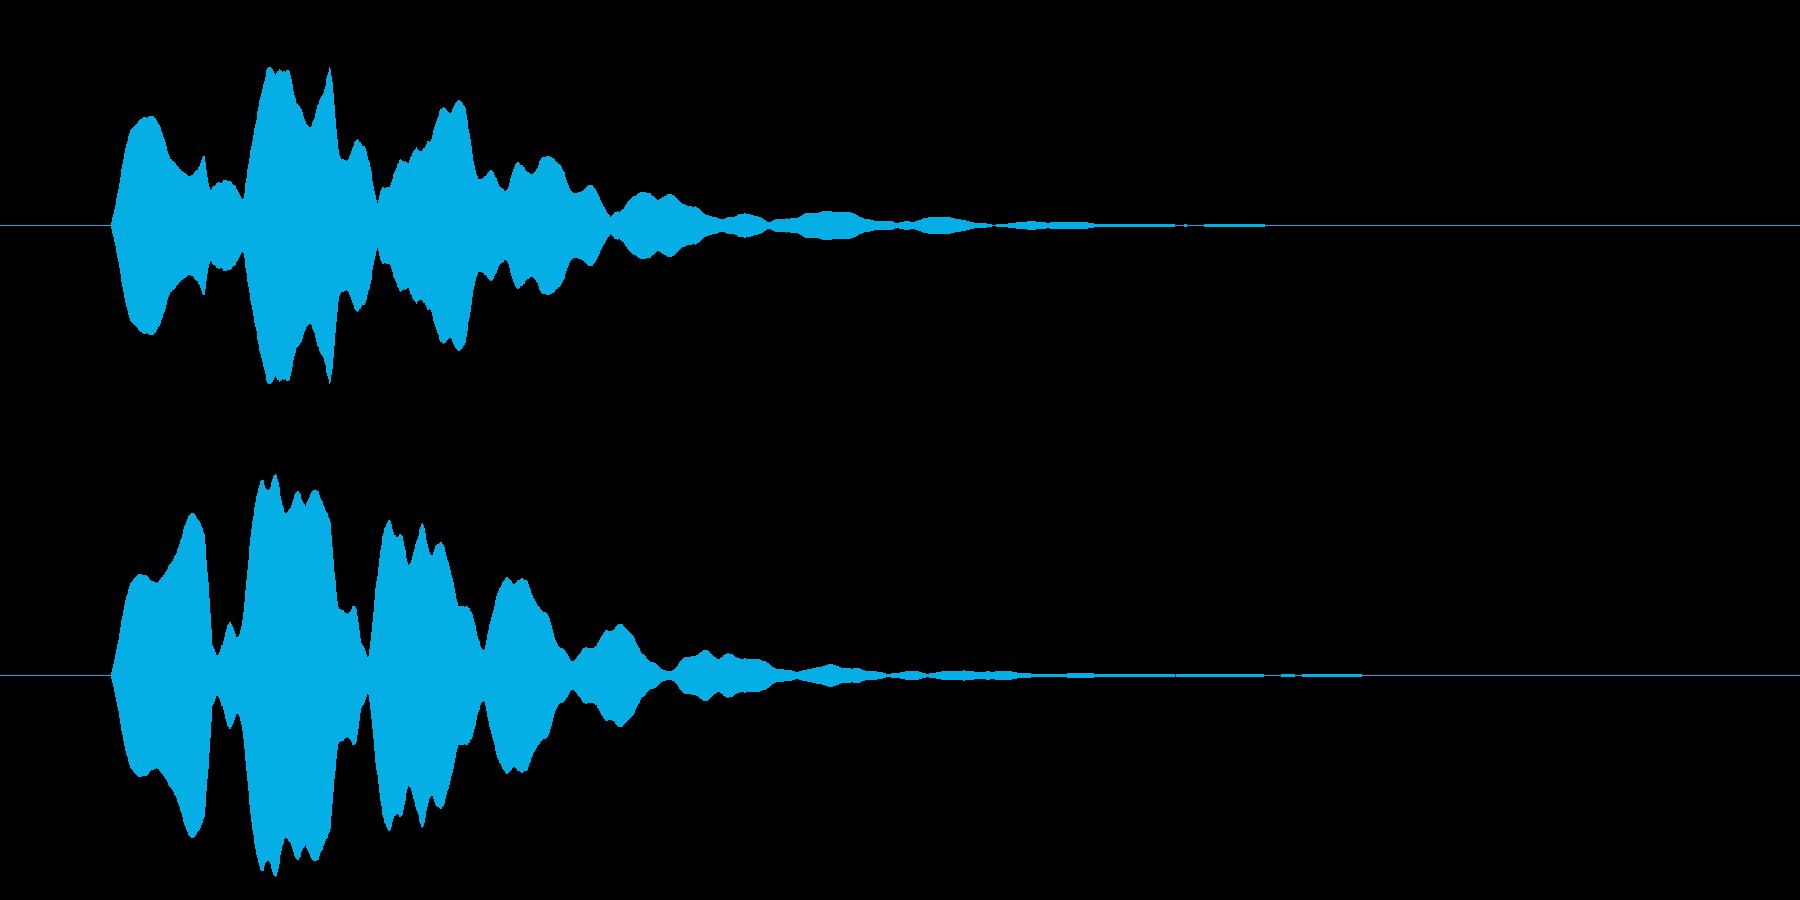 改札 ビープ音01-14(音色2 遠)の再生済みの波形